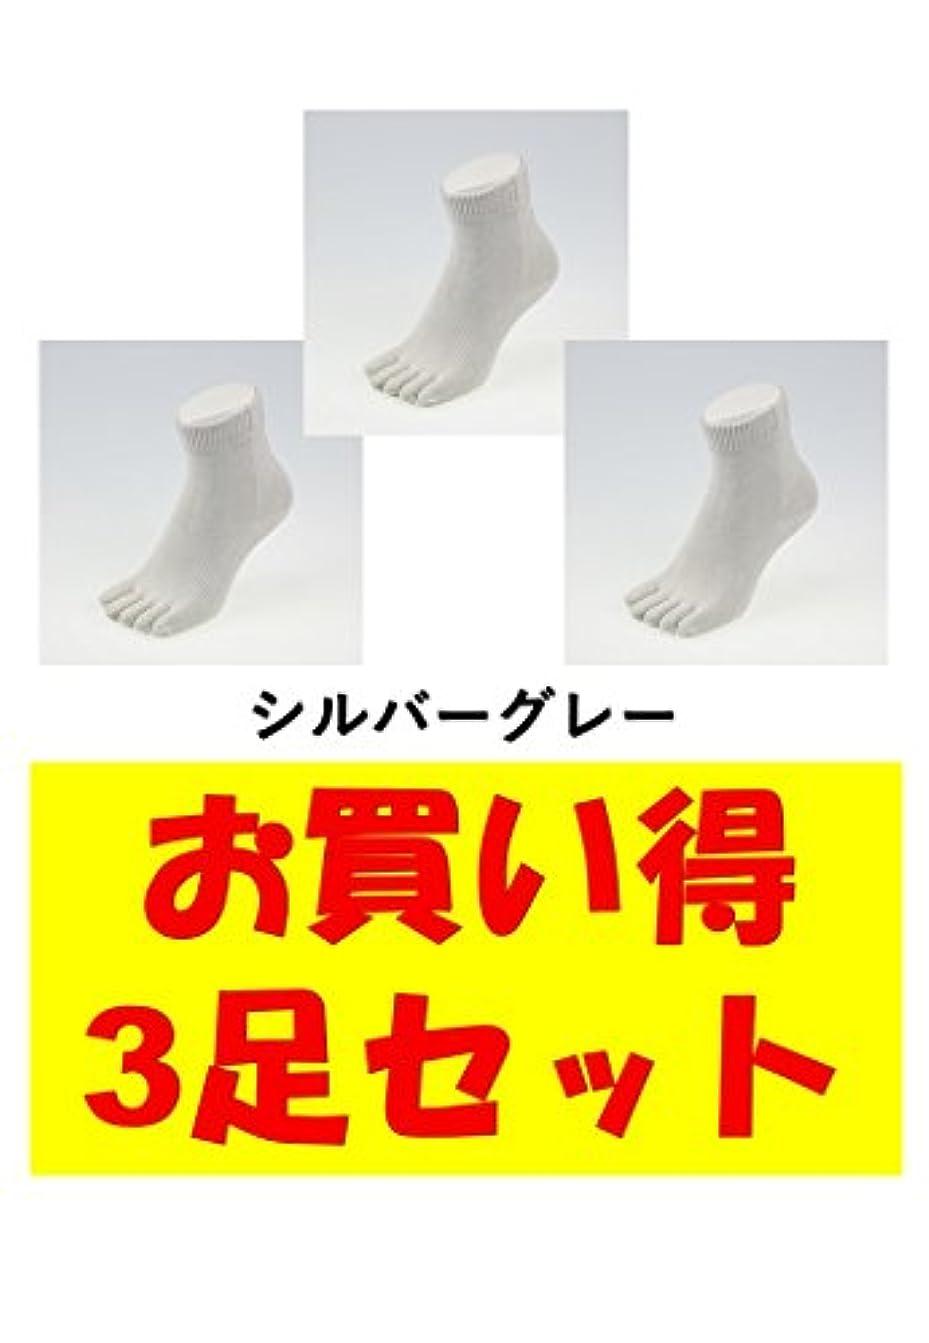 衣類アルネサミュエルお買い得3足セット 5本指 ゆびのばソックス Neo EVE(イヴ) シルバーグレー Sサイズ(21.0cm - 24.0cm) YSNEVE-SGL